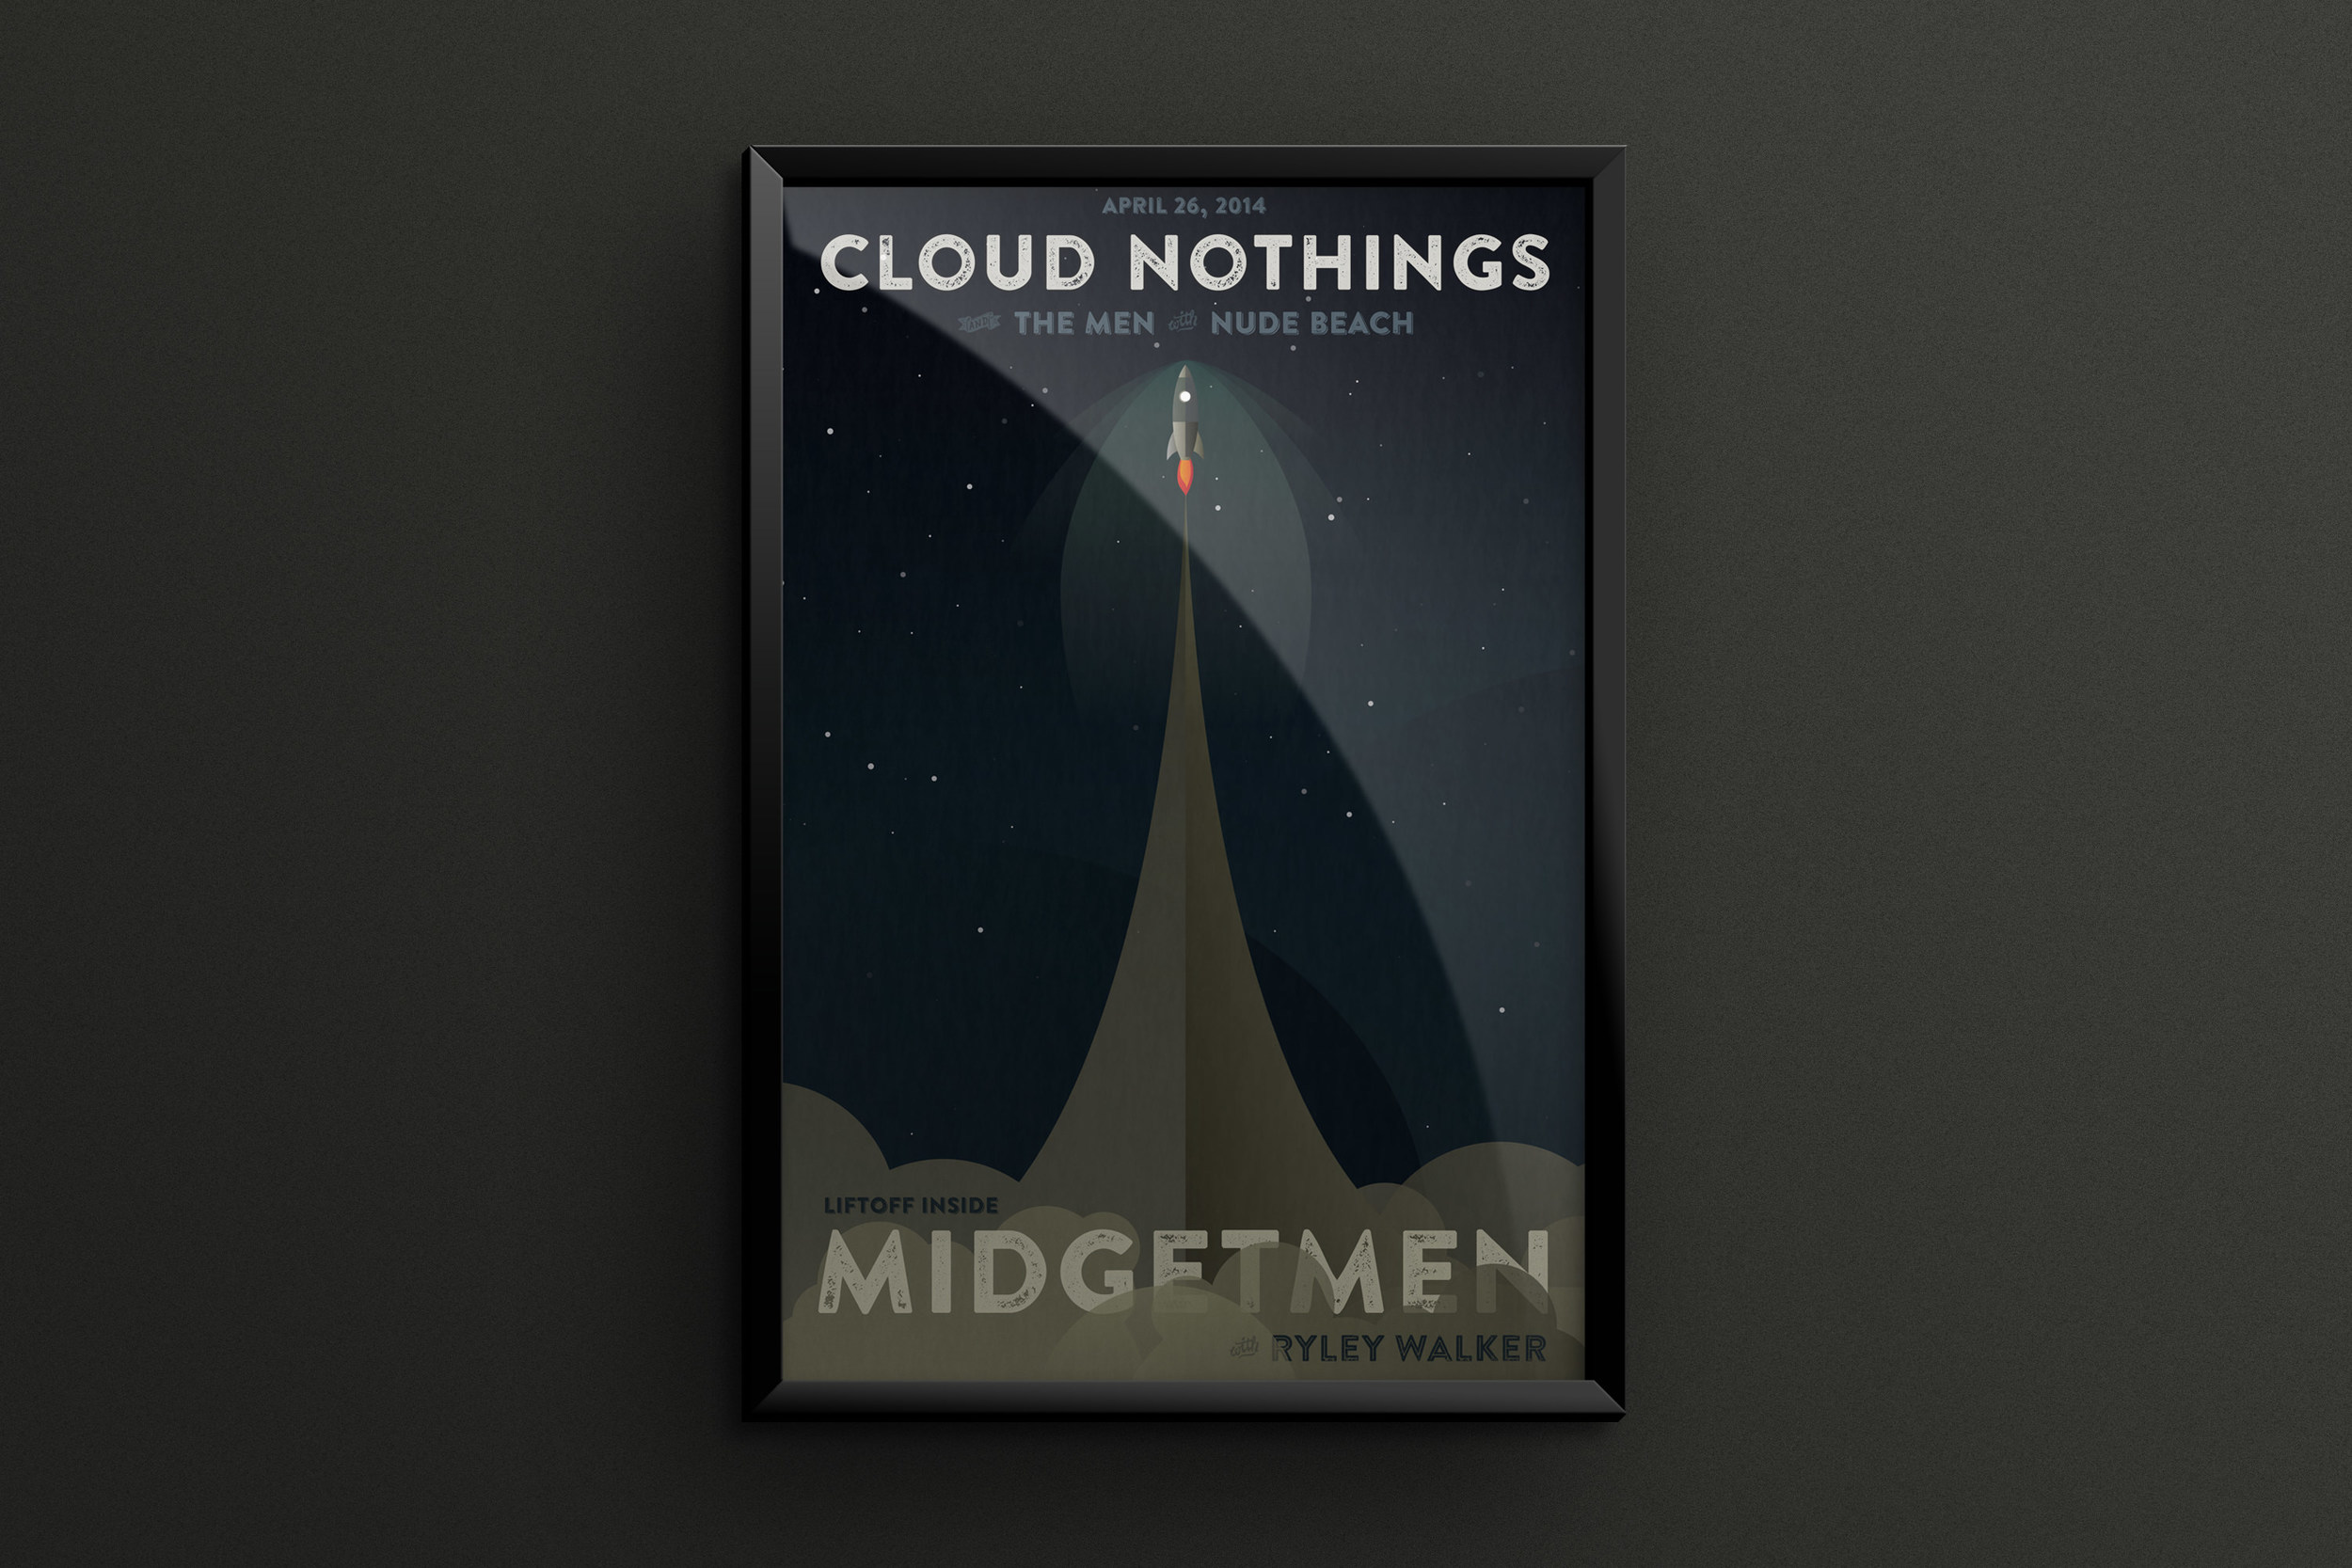 Cloud Nothings & The Men